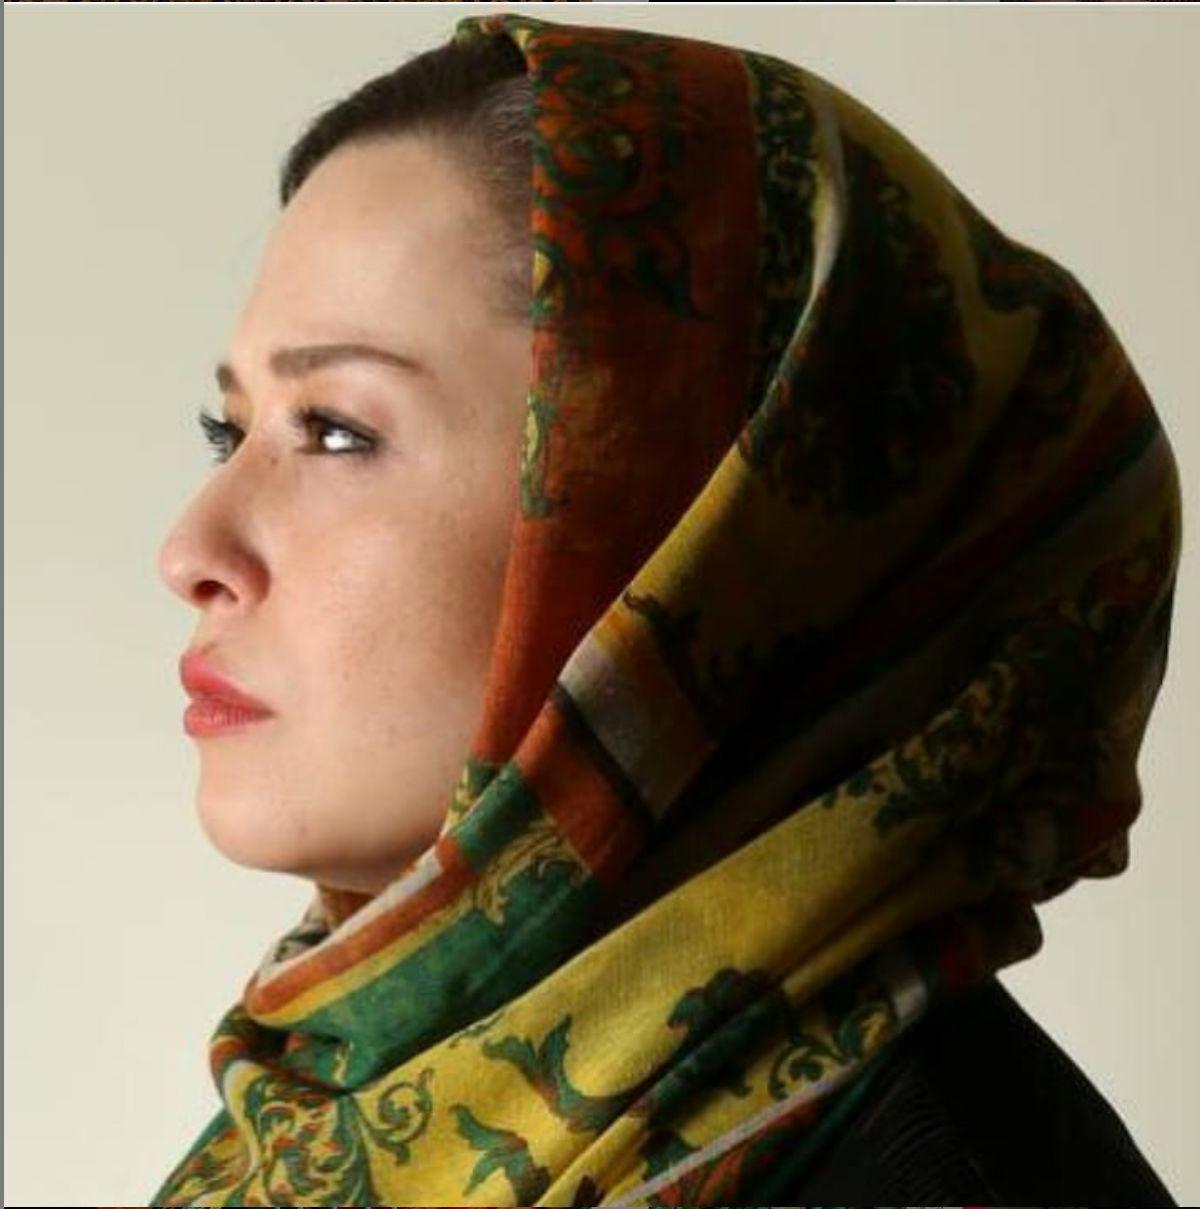 مهراوه شریفینیا داور مسابقه استعدادیابی